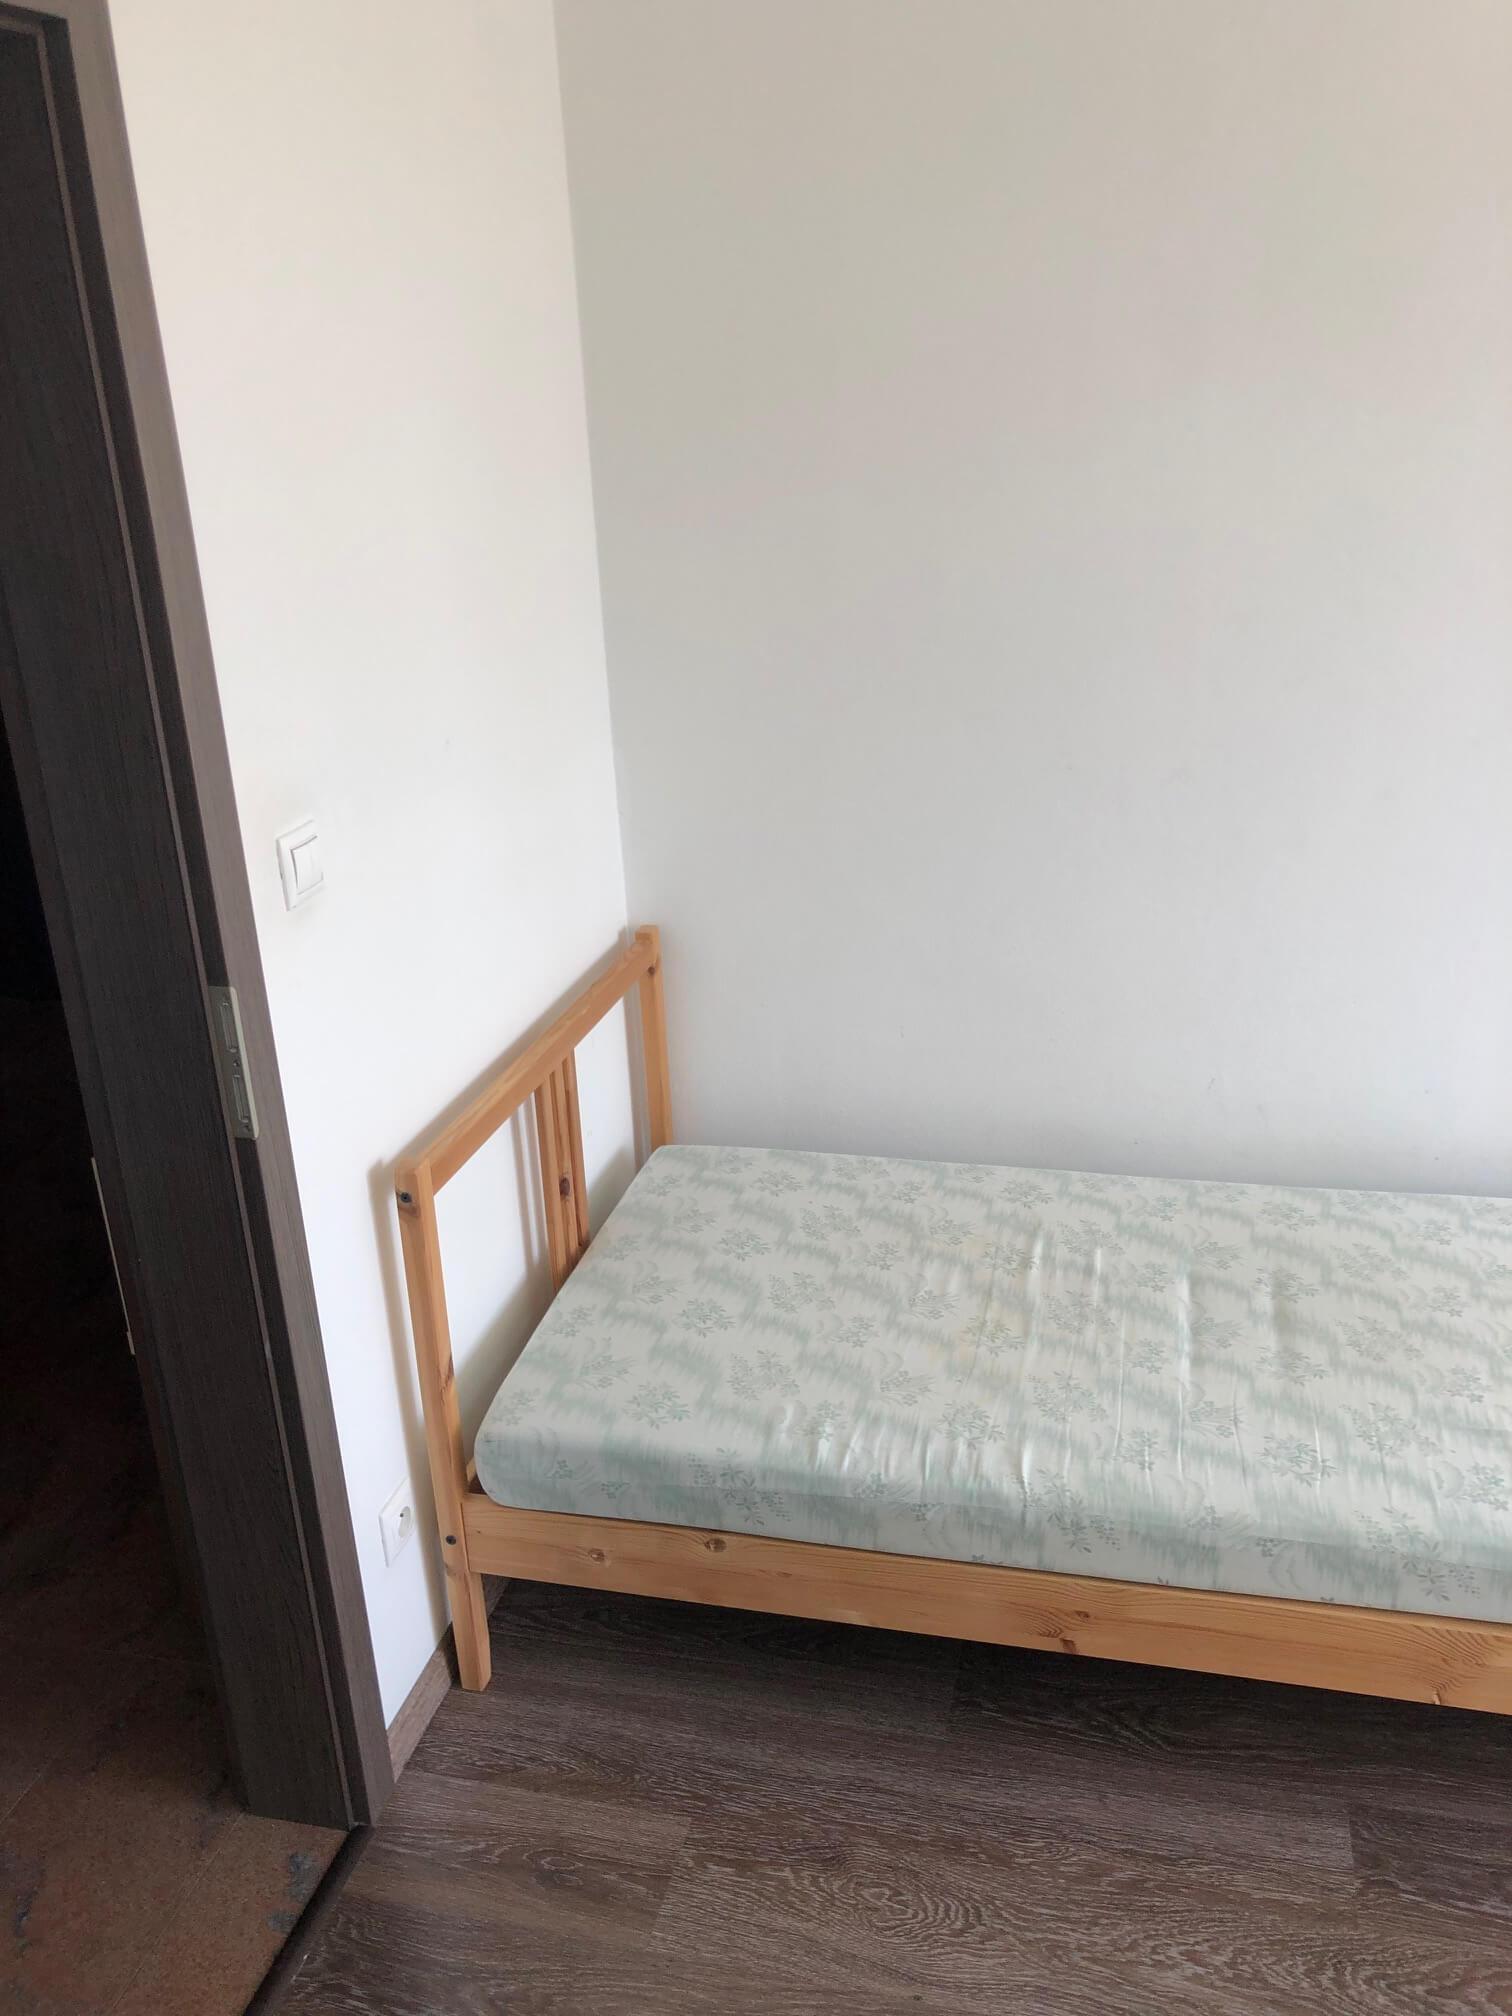 Predané: 3 izbový byt, novostavba, 72,25m2, loggia 4,82m2, Staré Grunty, Karlovka, garážové státie-25